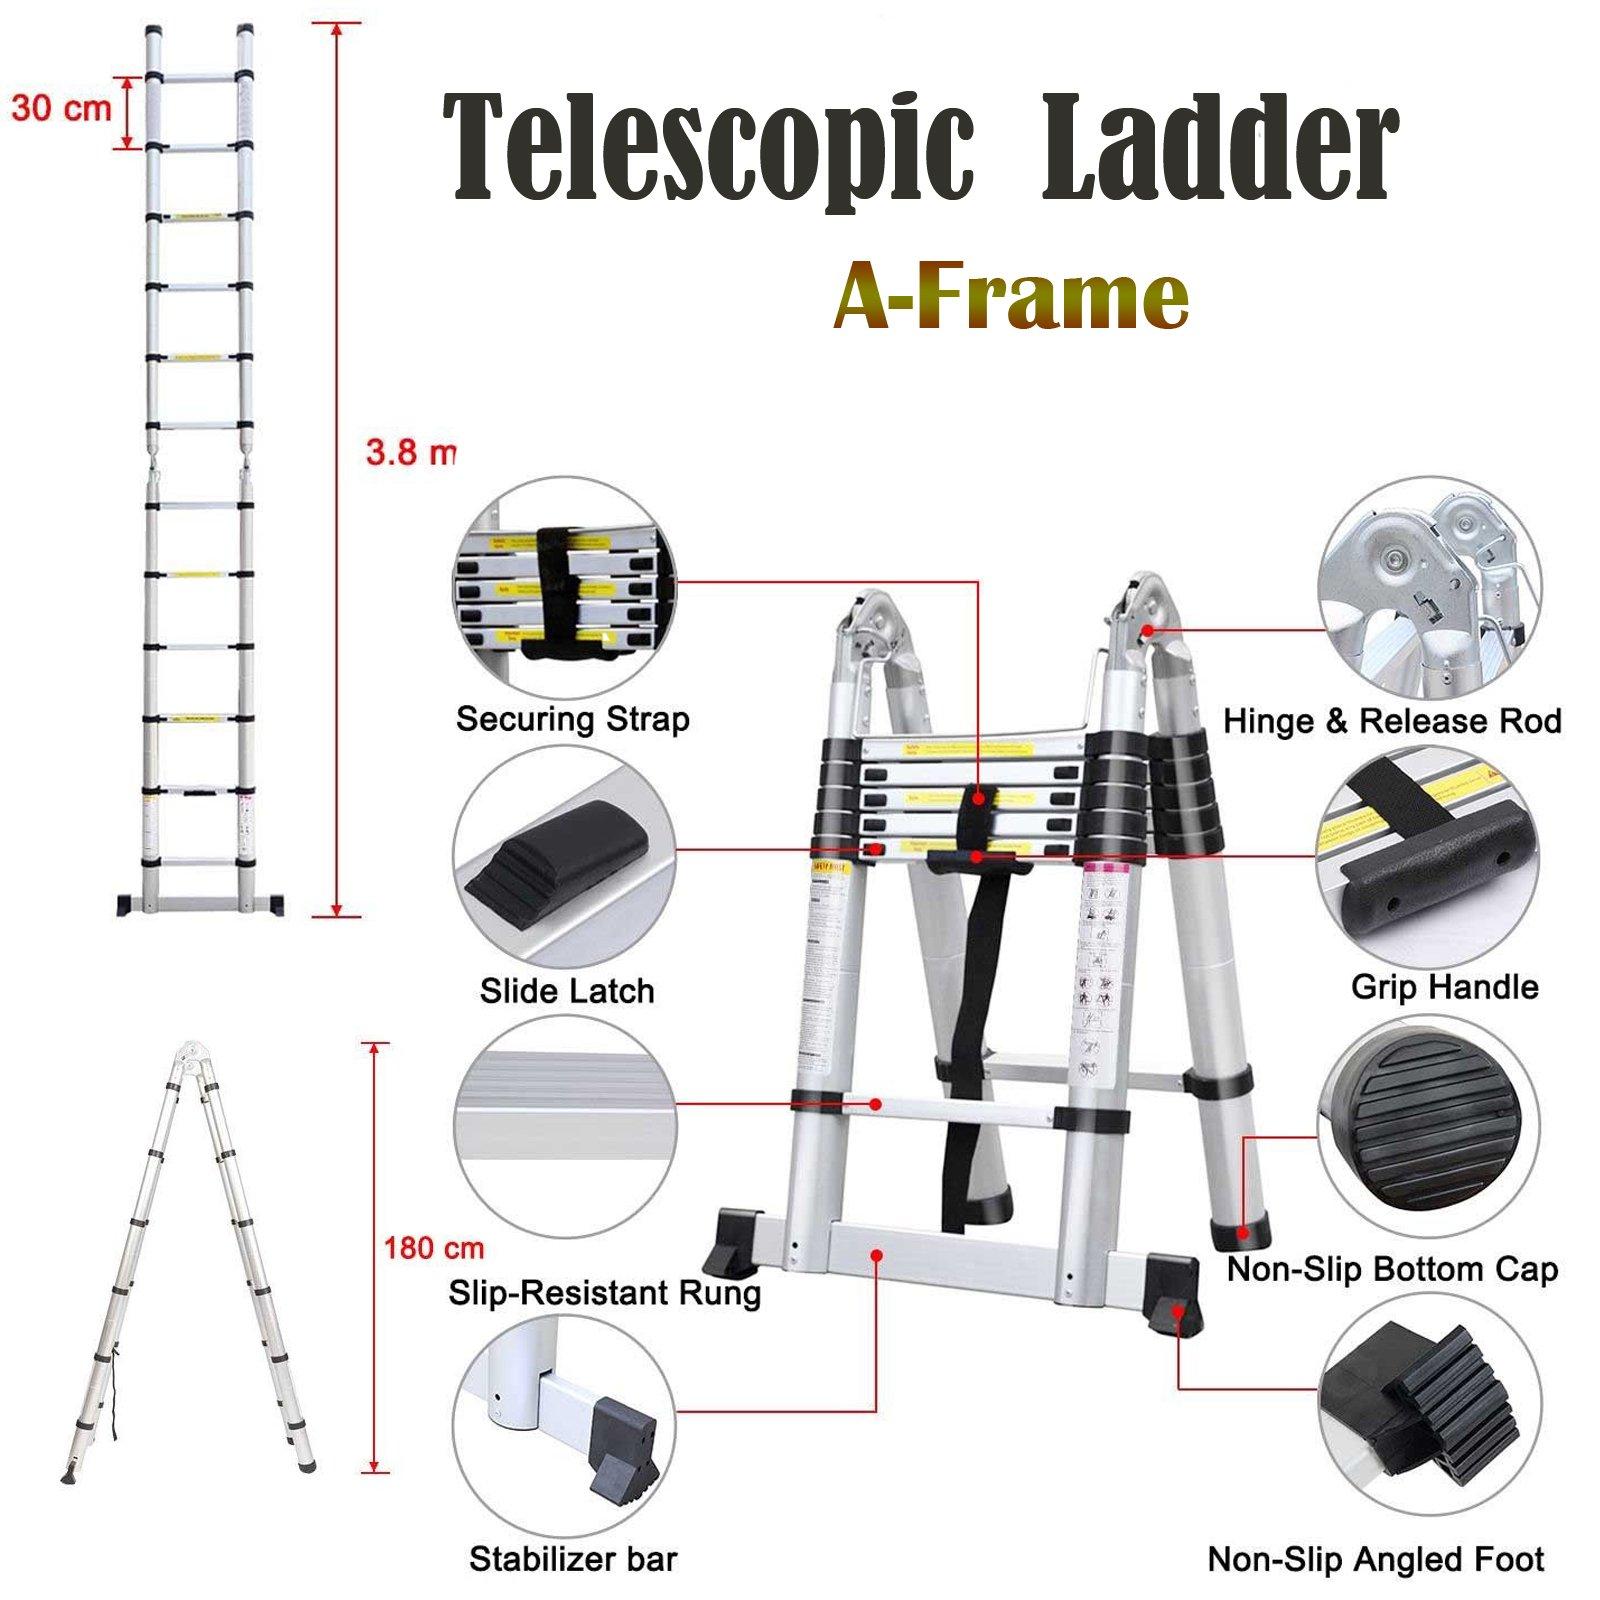 Escalera telescópica de 3,8m con marco en A, escalera de aluminio, goma antideslizante, capacidad de 150 kg: Amazon.es: Bricolaje y herramientas